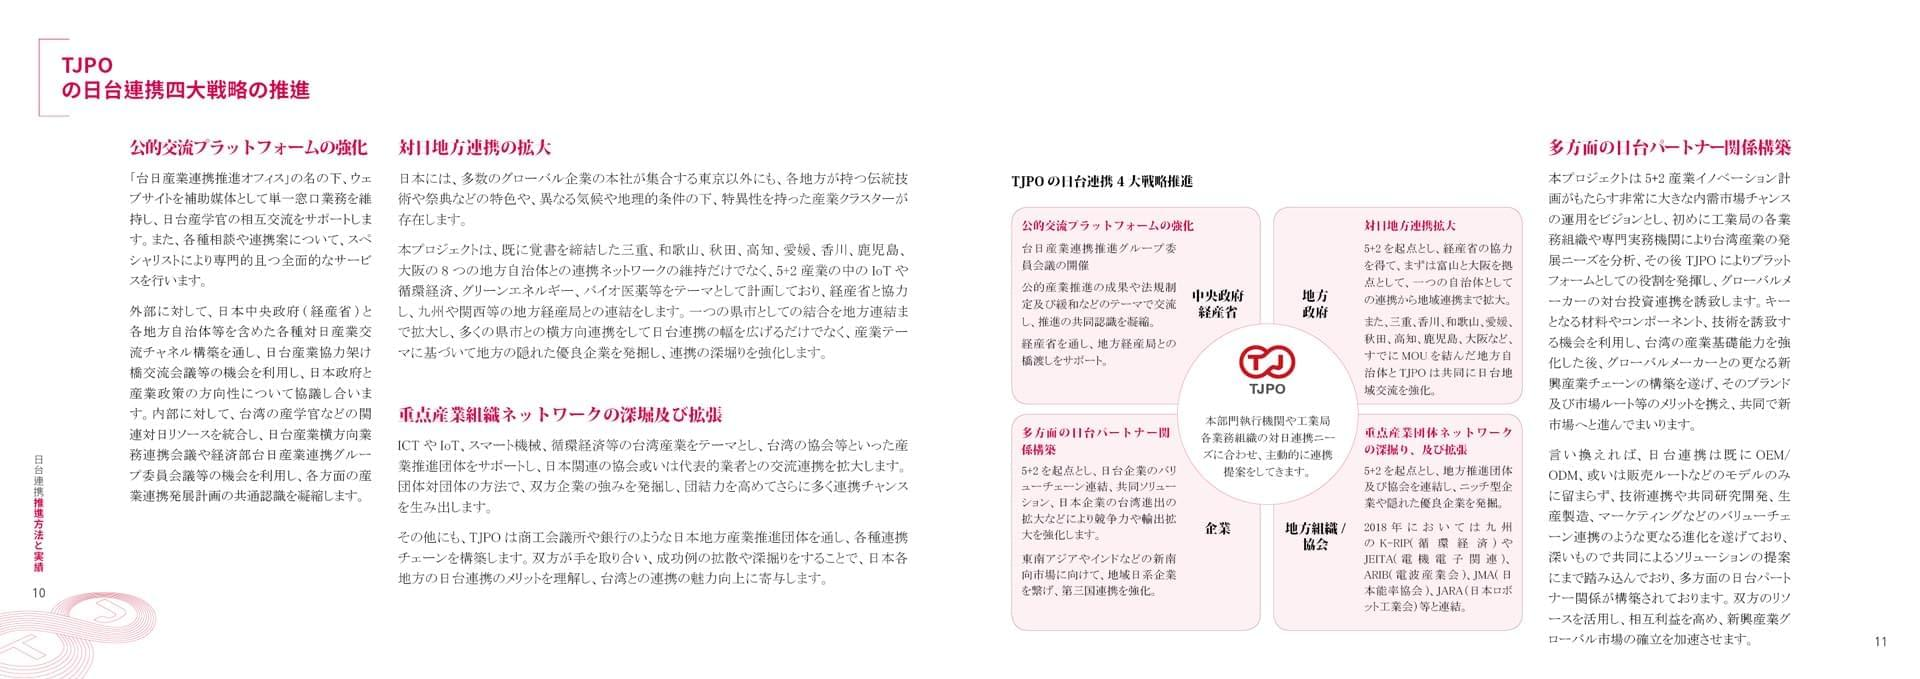 台日型錄-日文版60頁-第二次修改07028